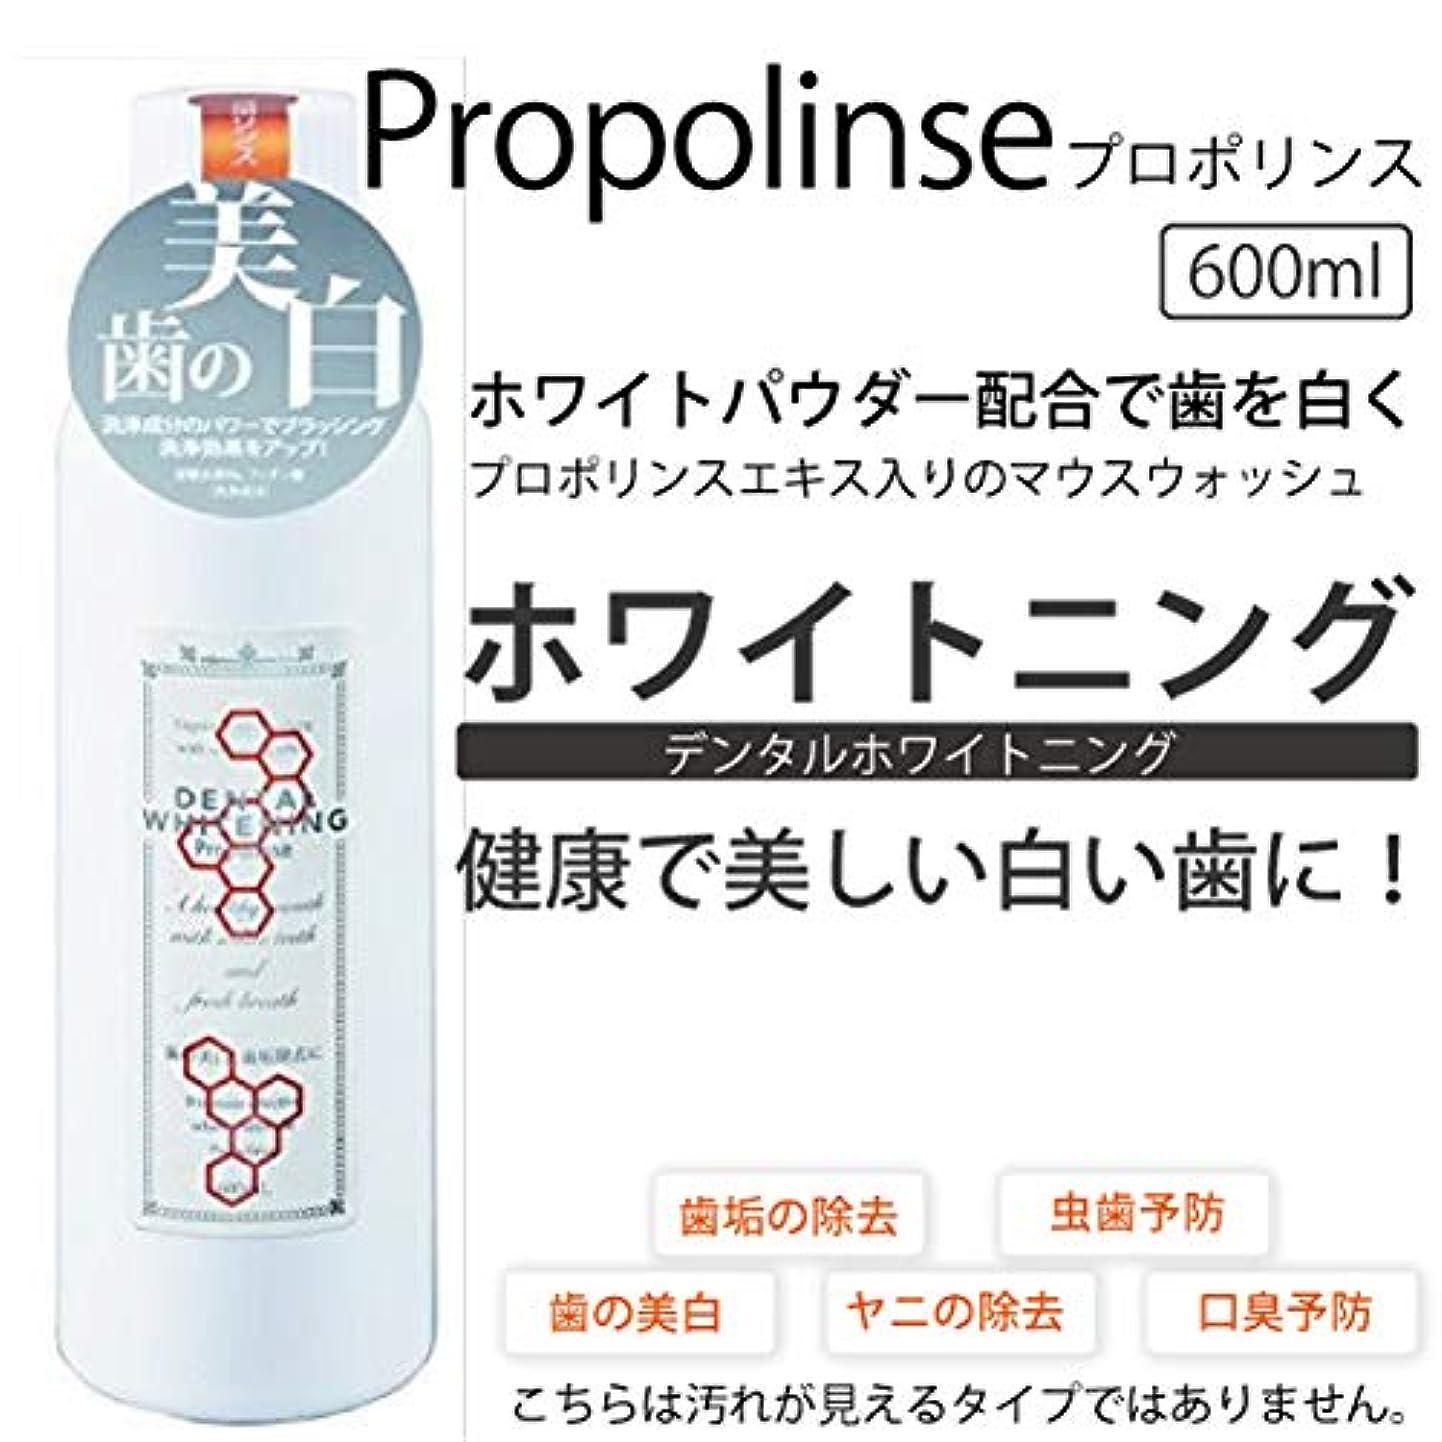 好奇心盛前置詞キャンバスプロポリンス マウスウォッシュ デンタルホワイトニング (ホワイトパウダー配合で歯を白く) 600ml [30本セット] 口臭対策